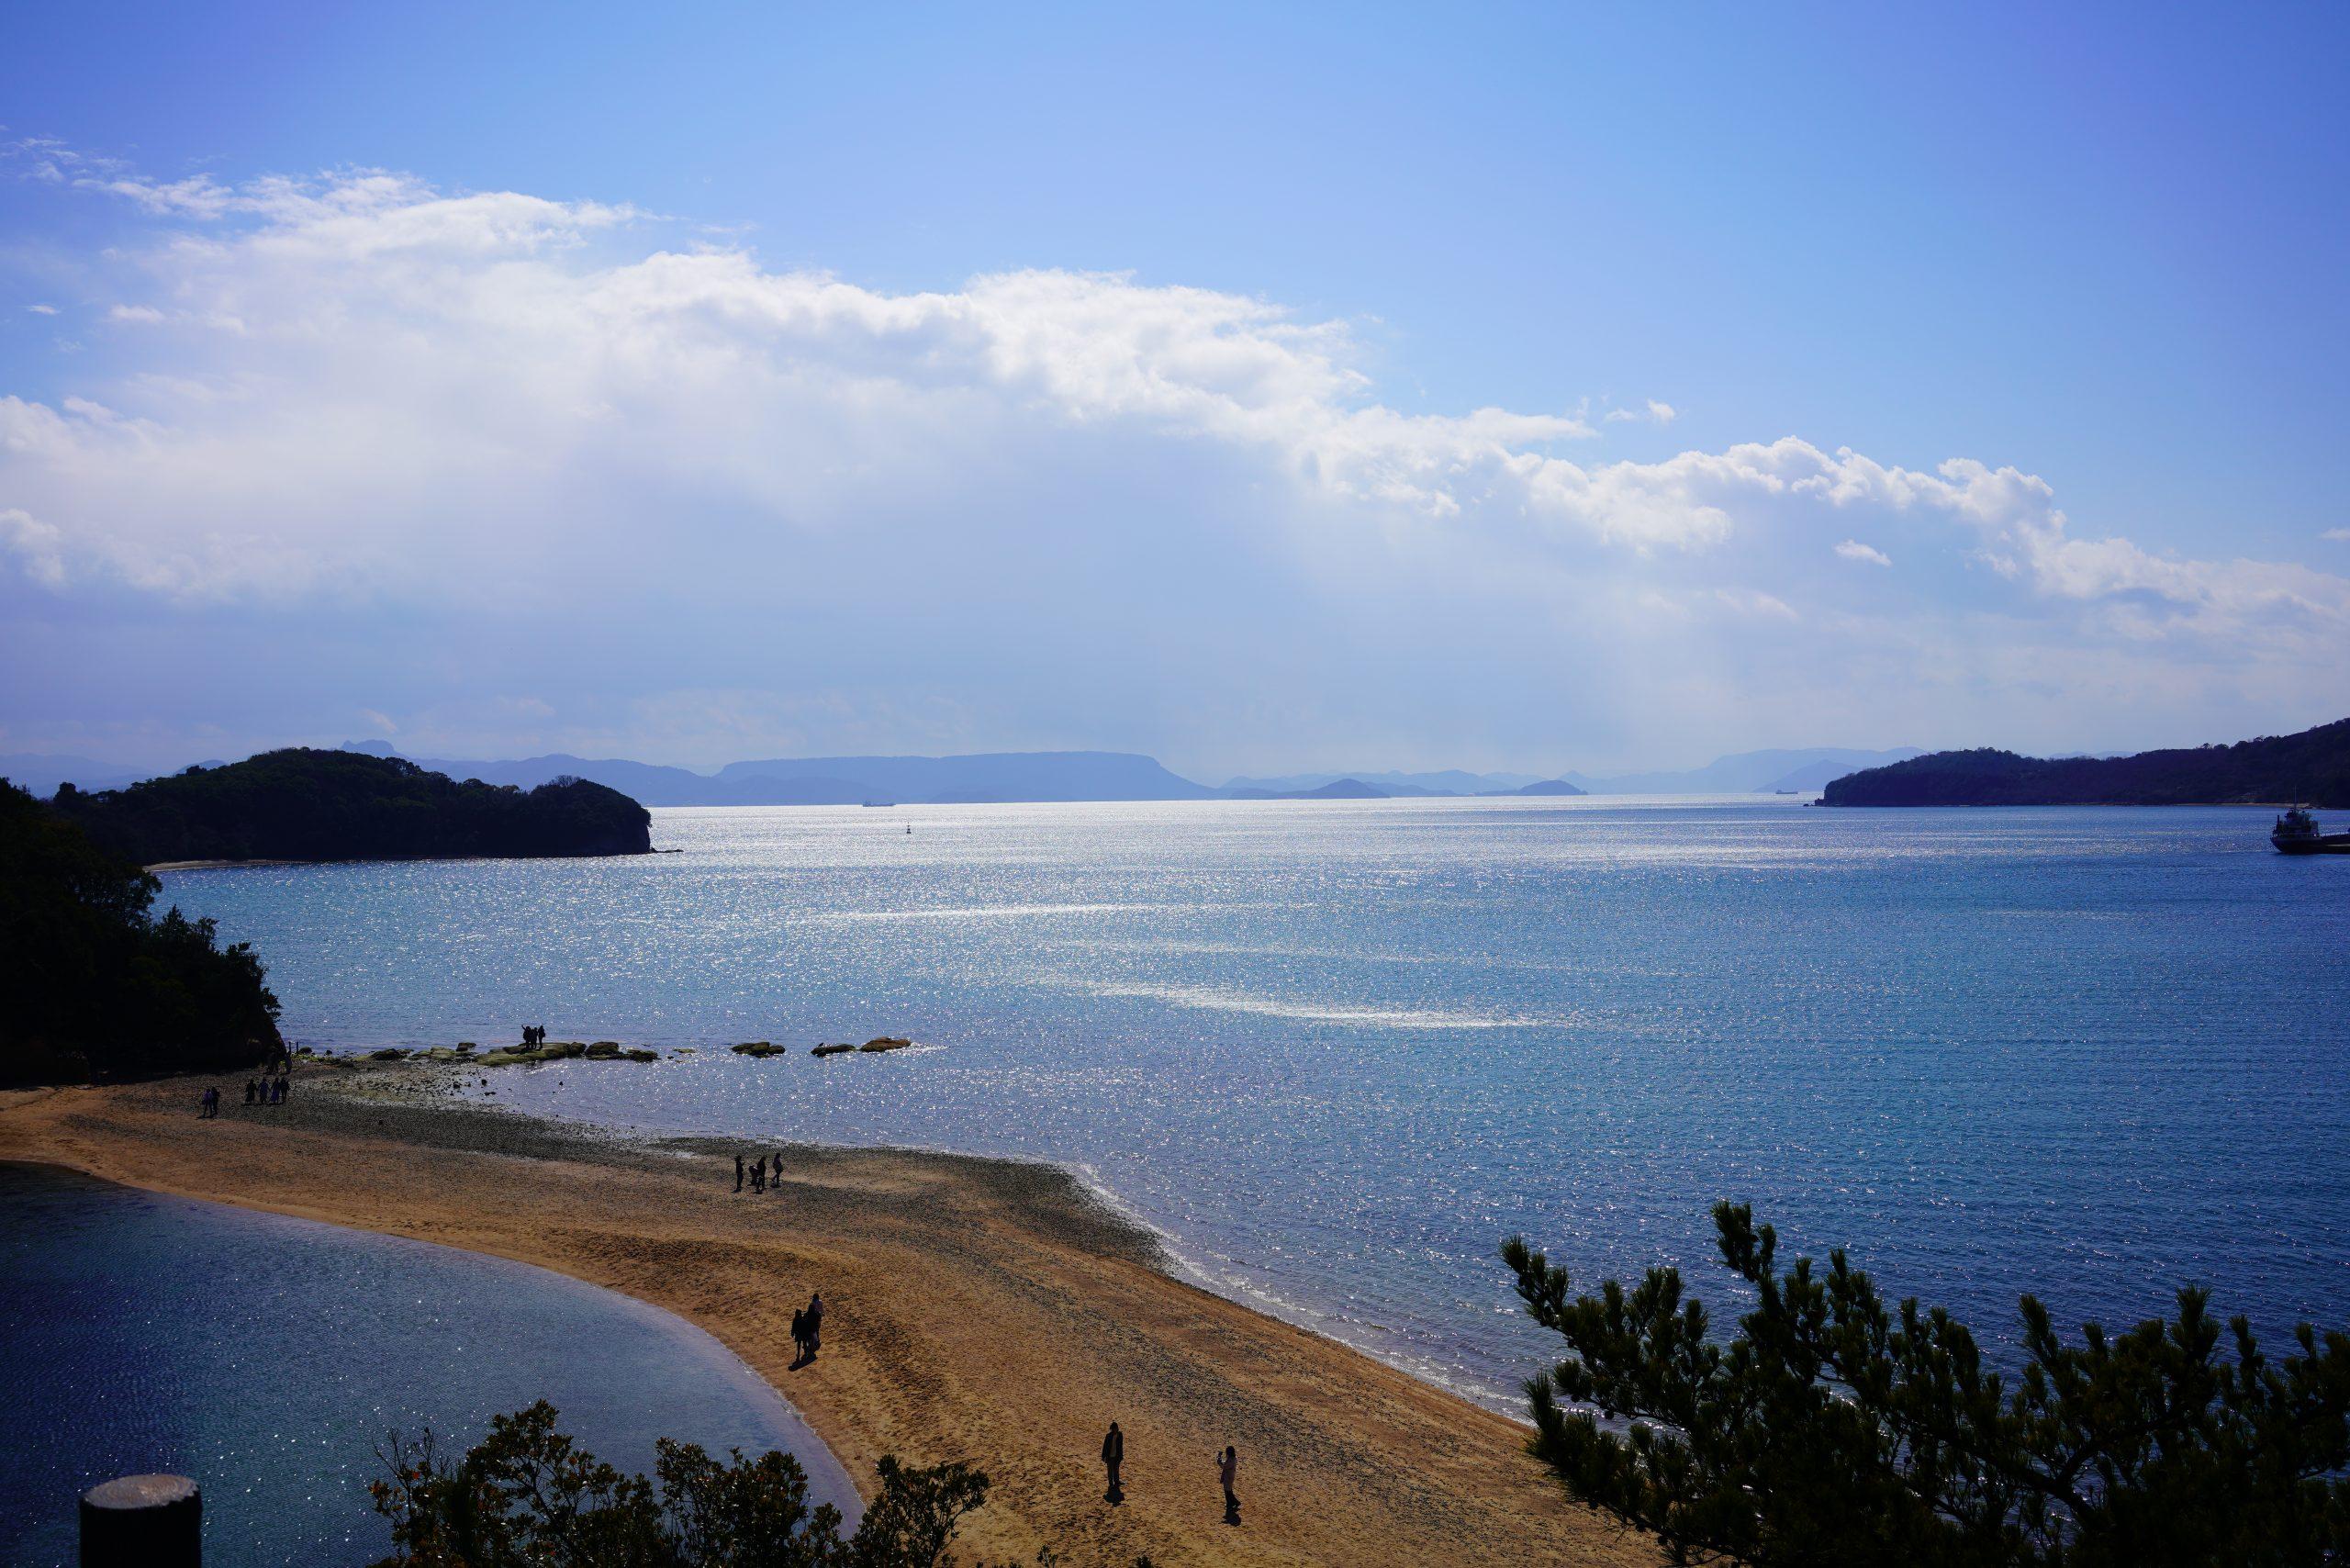 【海の日】撮りもどそう ~遠き碧への想い~ Vol.5